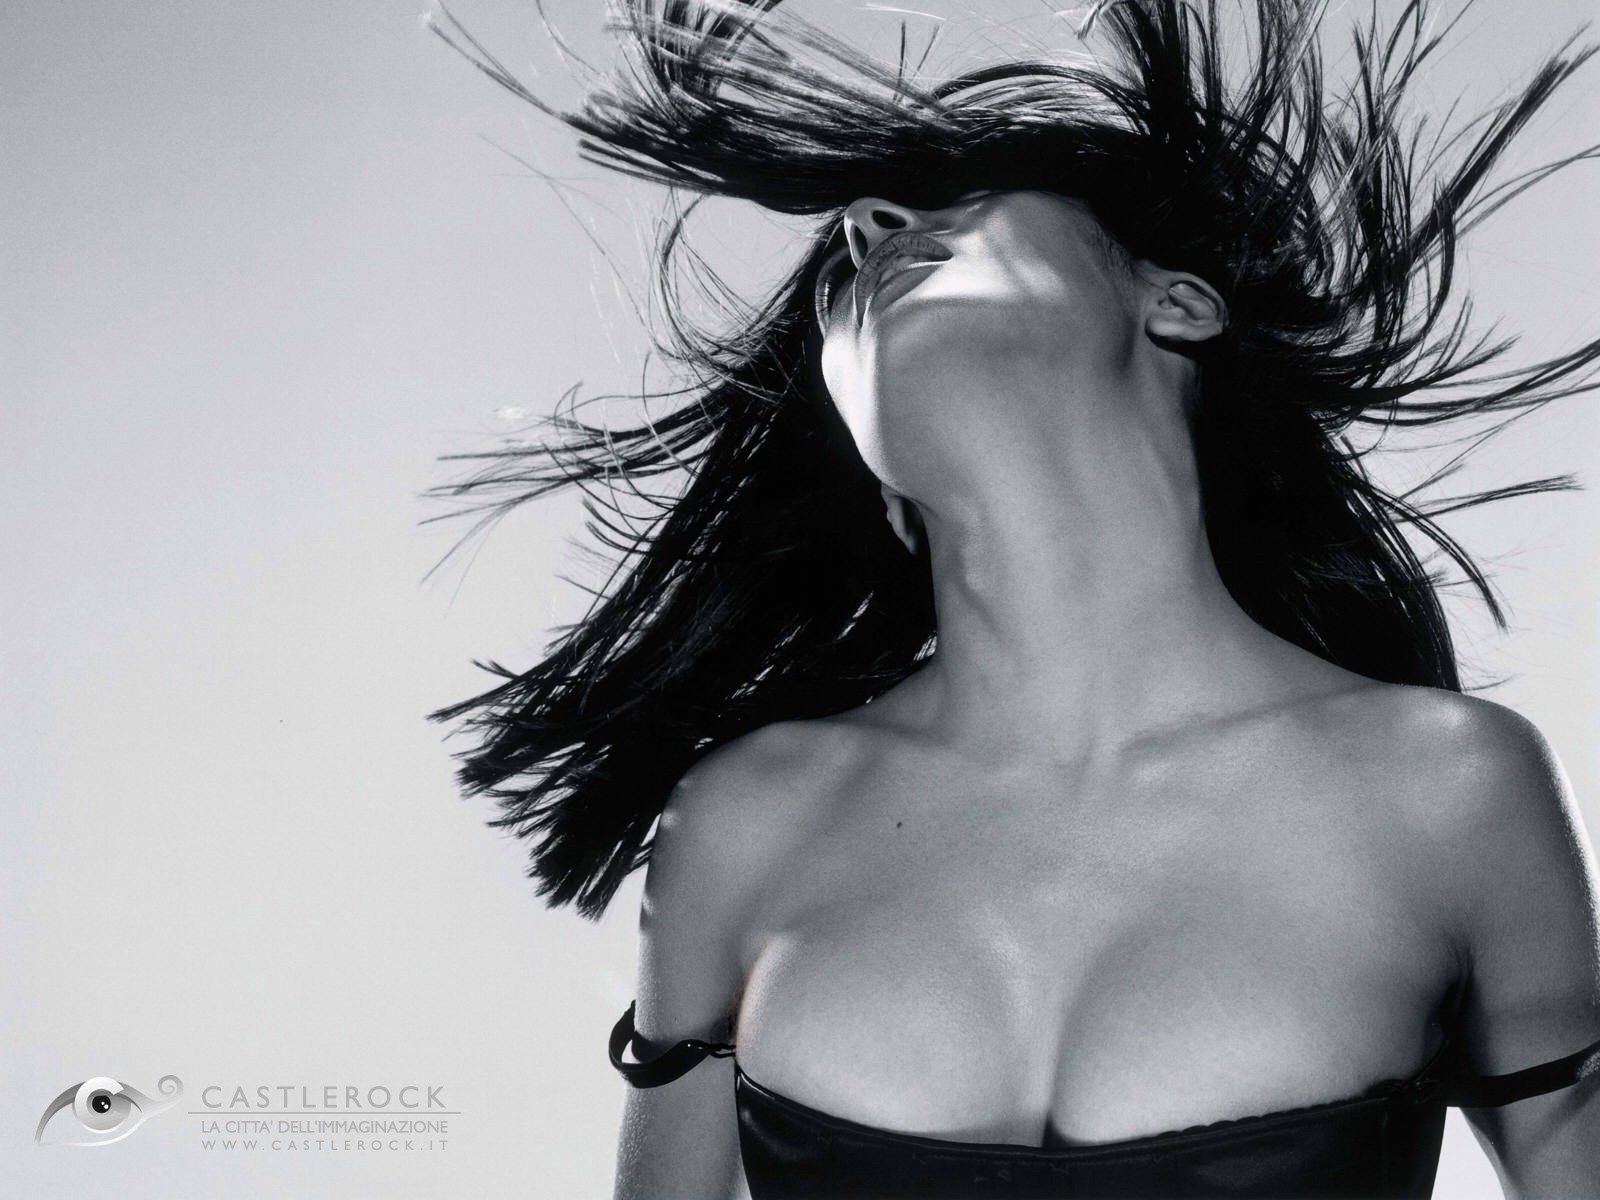 Wallpaper: una sexy Salma Hayek - l'attrice è nata il 2 settembre del 1966, sotto il segno della Vergine